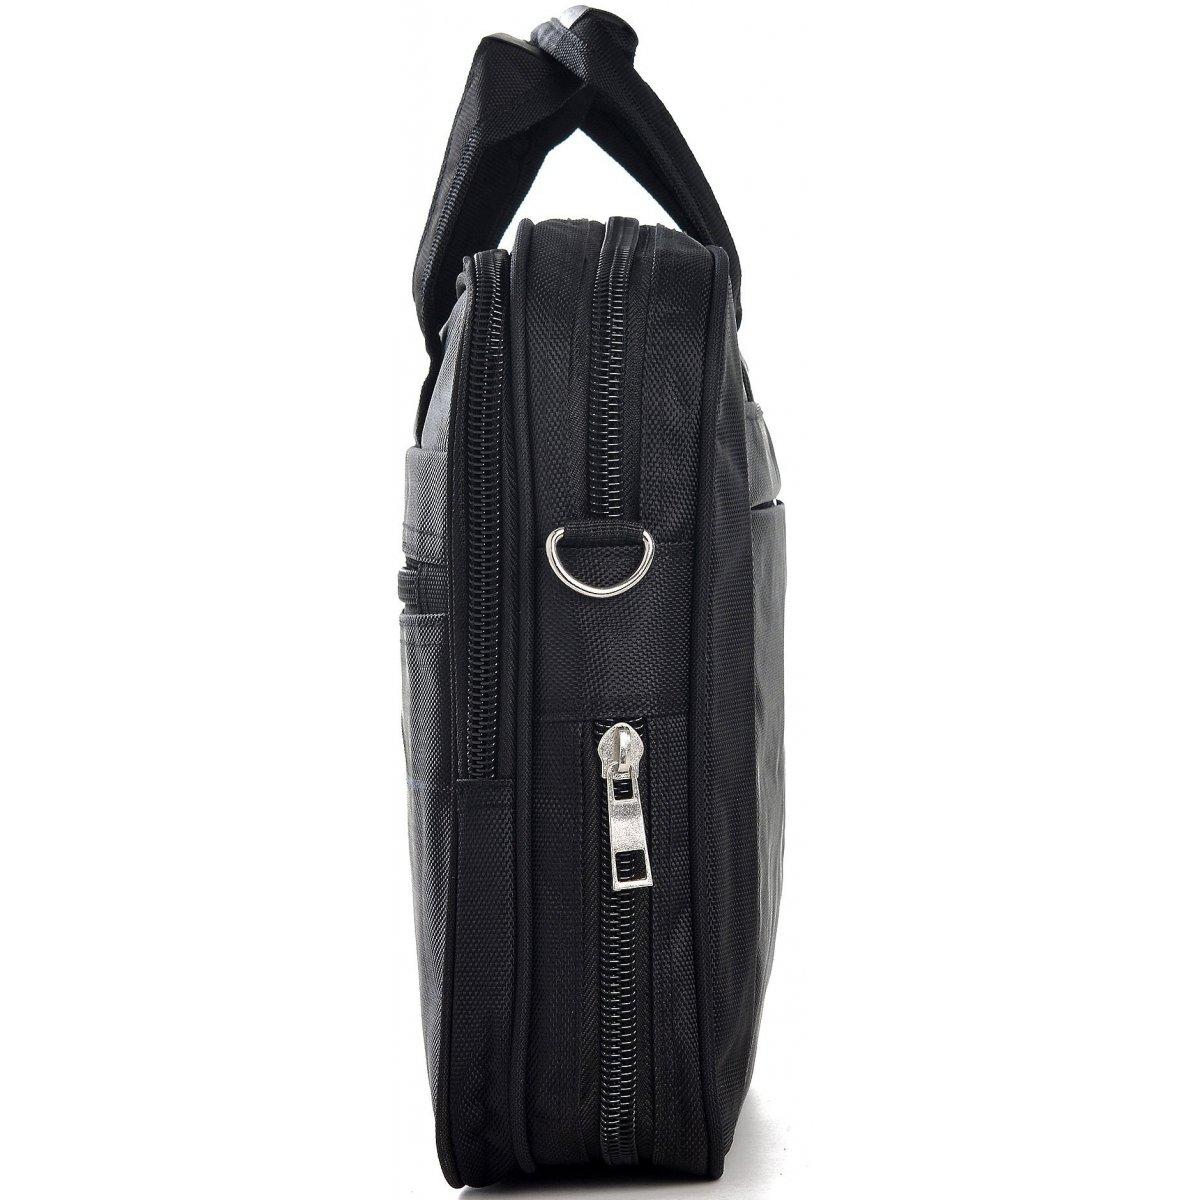 serviette porte ordinateur extensible les sacs de krlot. Black Bedroom Furniture Sets. Home Design Ideas